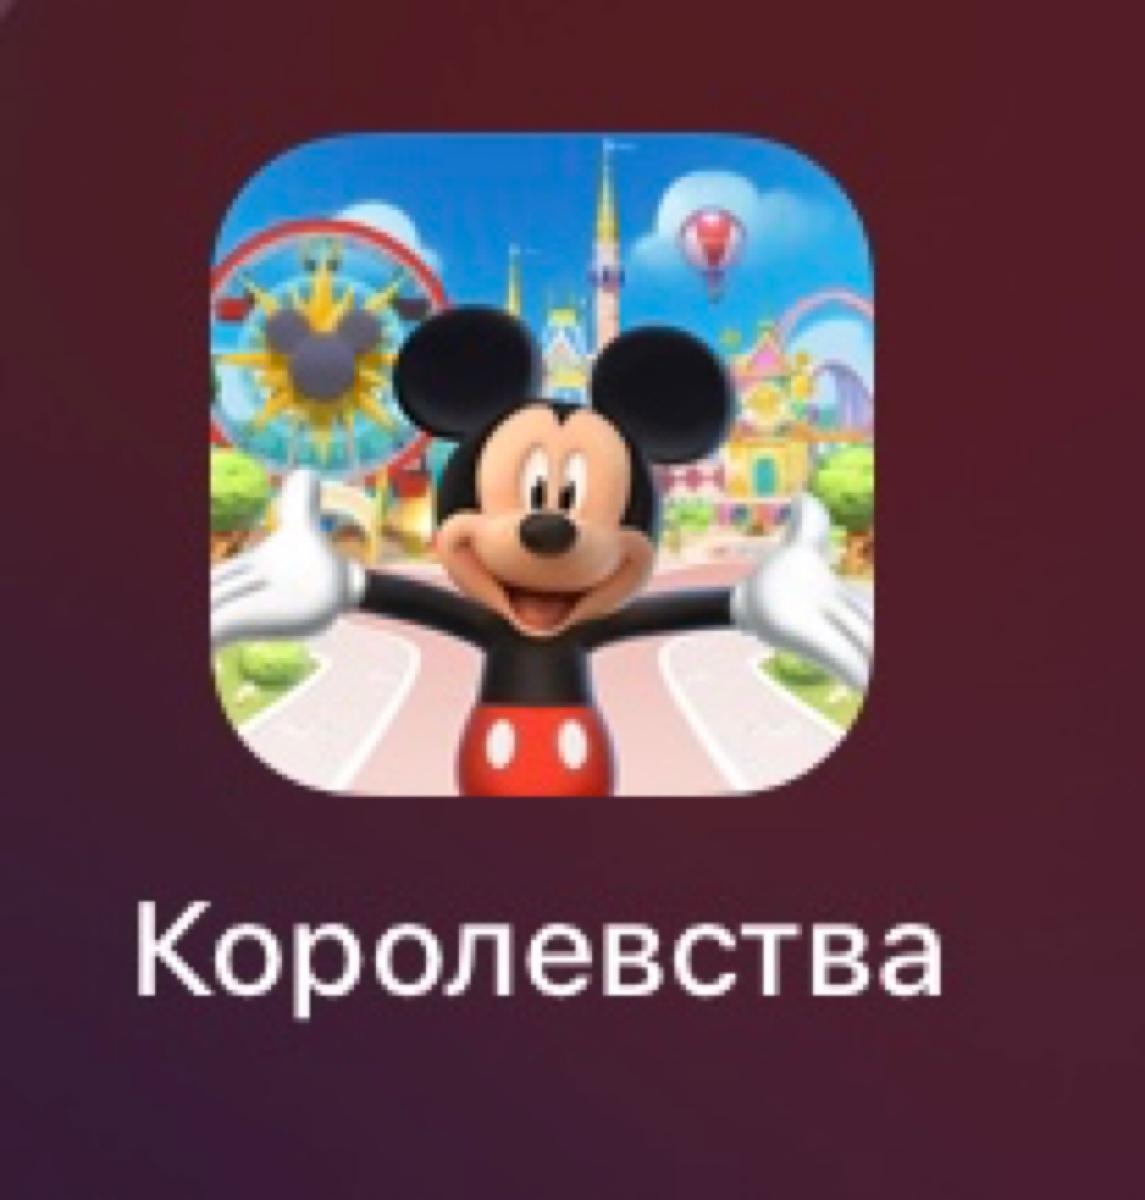 Какая твоя любимая игра на телефоне